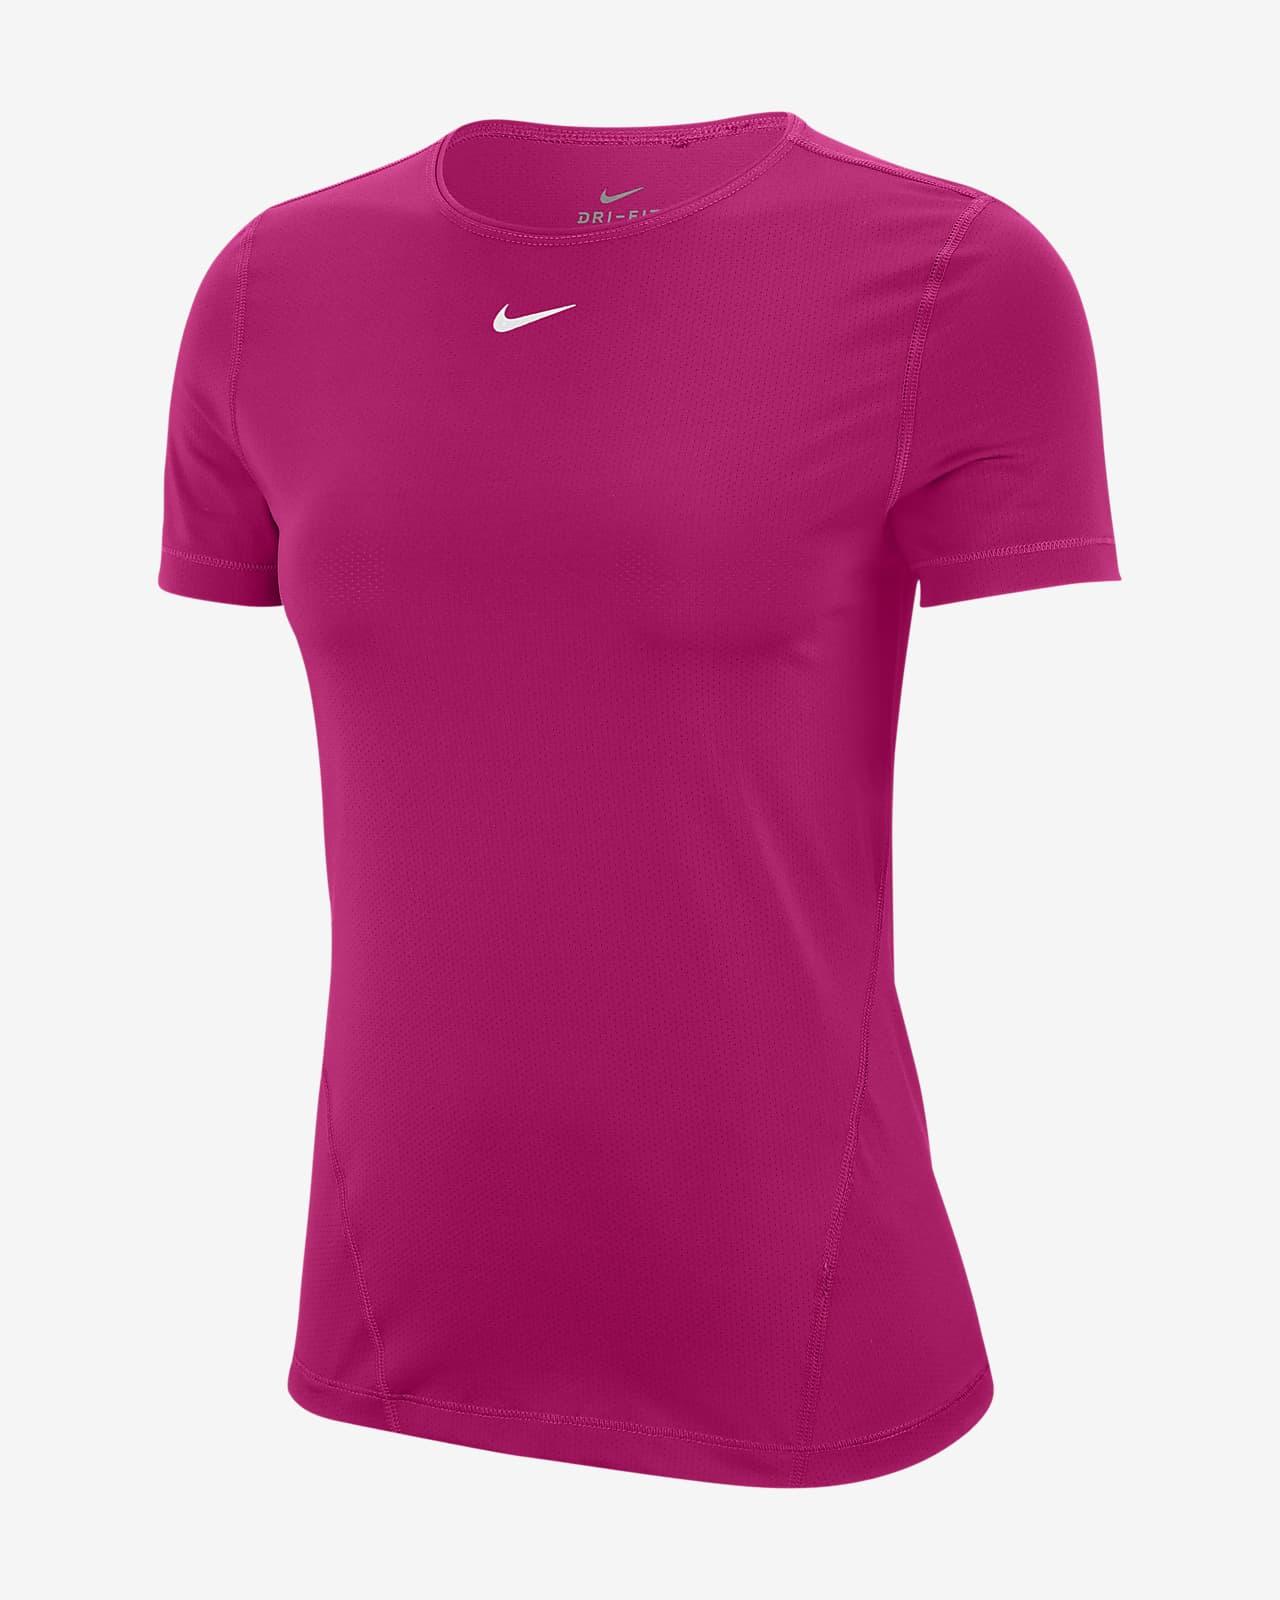 Dámské tréninkové tričko Nike Pro skrátkým rukávem